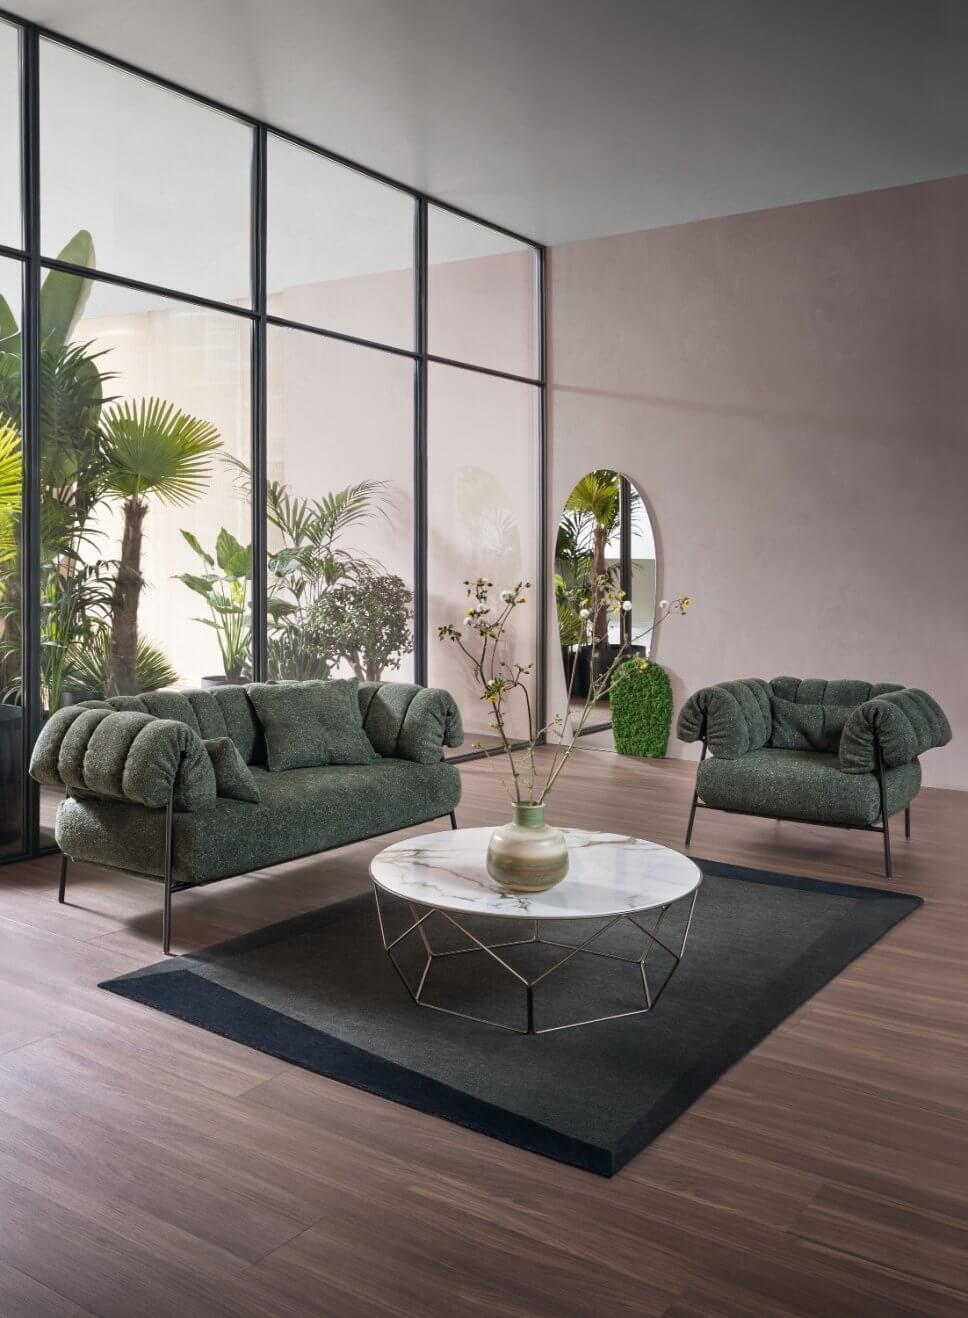 Sofa und Sessel in modernem Wohnzimmer